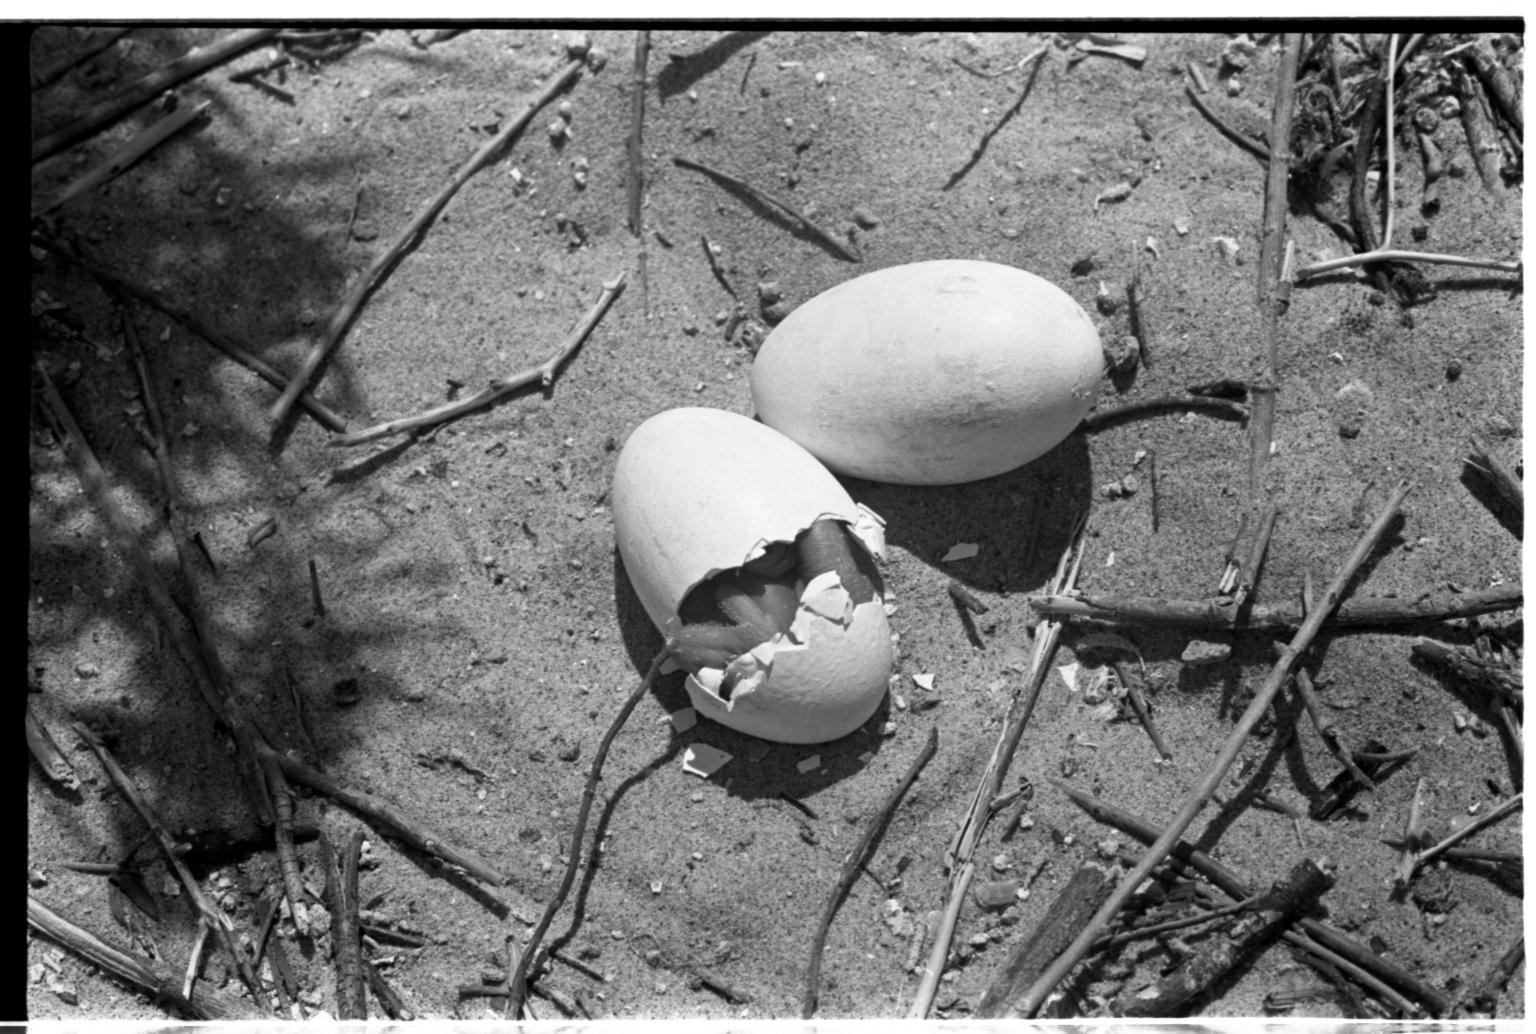 Pelican Egg Hatchling